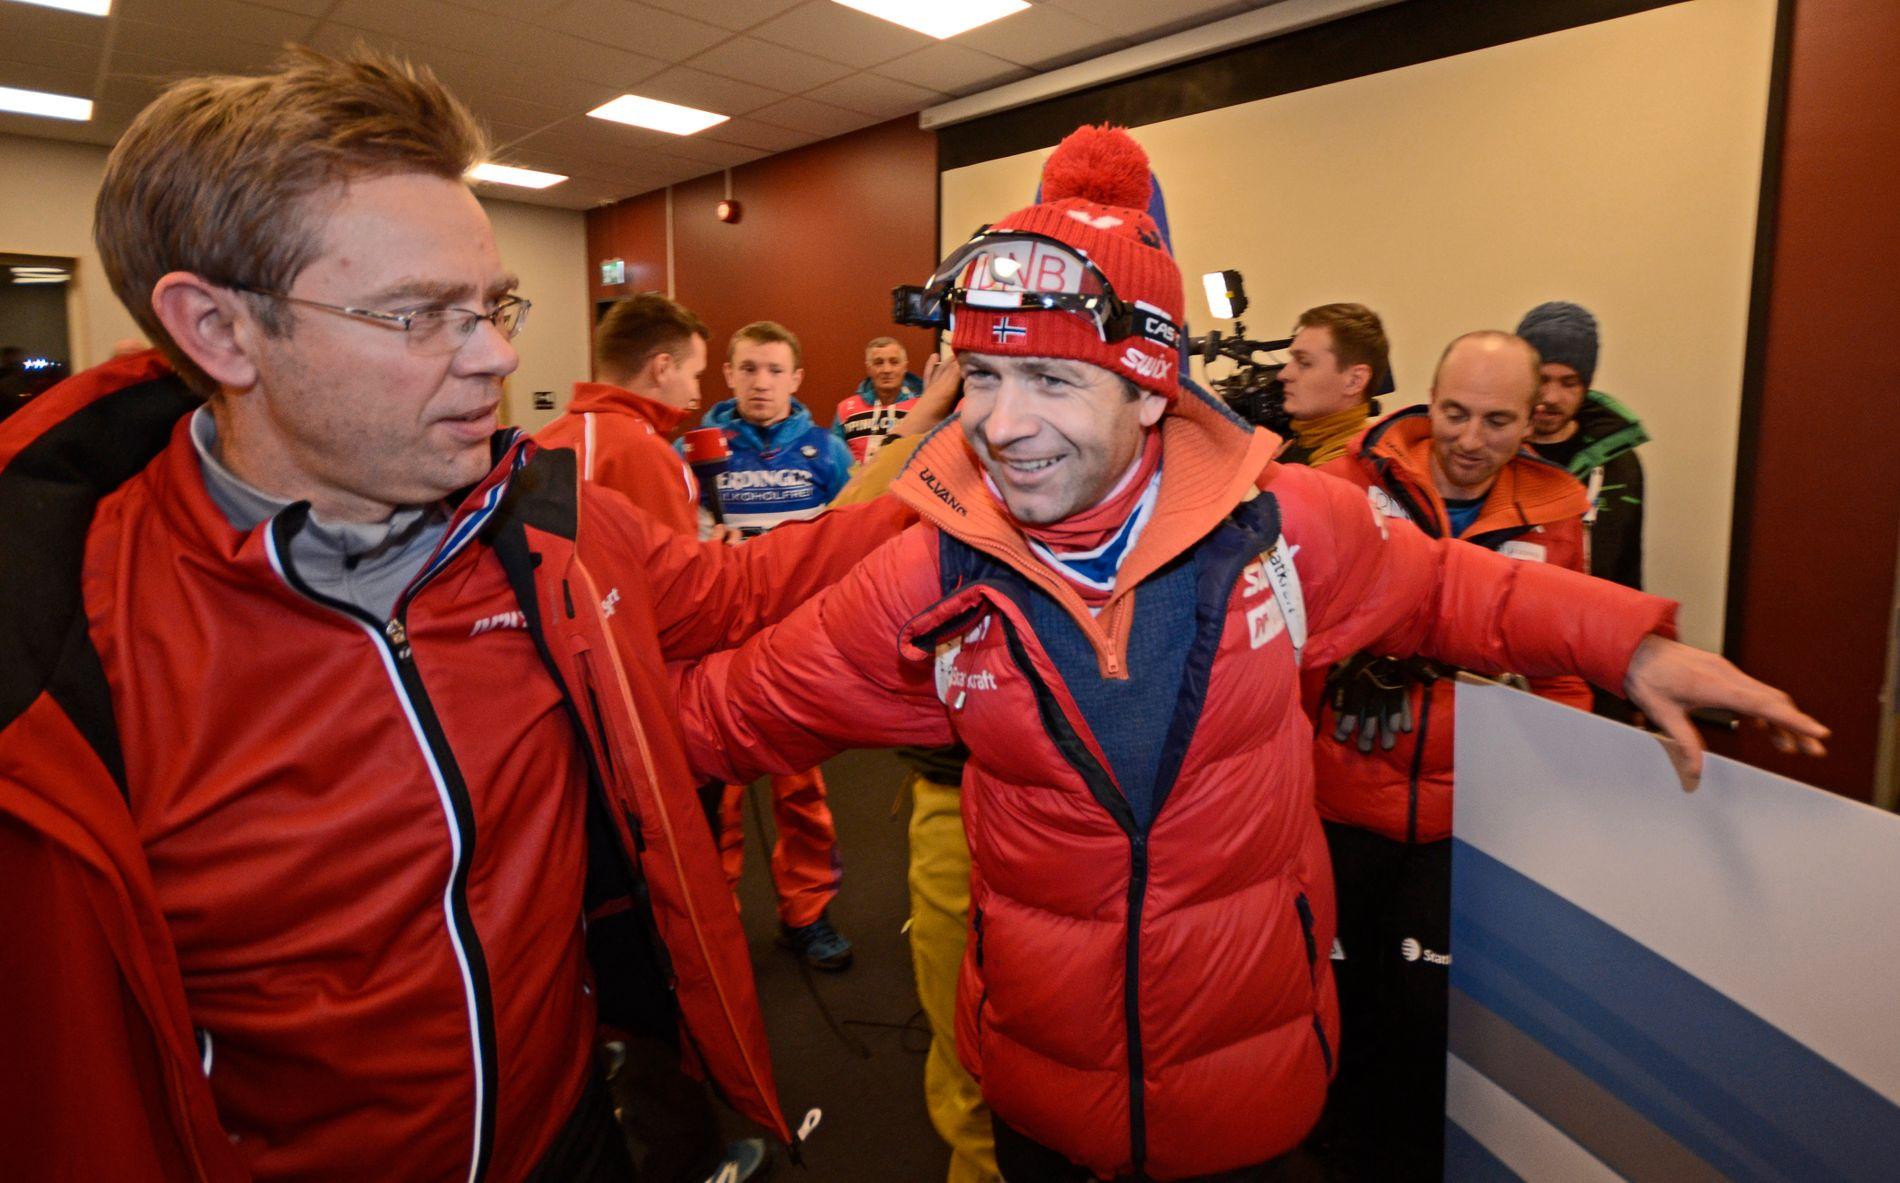 GULLGUTTER: Halvard Hanevold (t.v.) gratulerer Ole Einar Bjørndalen sist veteranen vant et verdenscuprenn. Det skjedde i Östersund i desember 2015. Bjørndalen tok VM-bronse på jaktstarten så sent som i fjor.